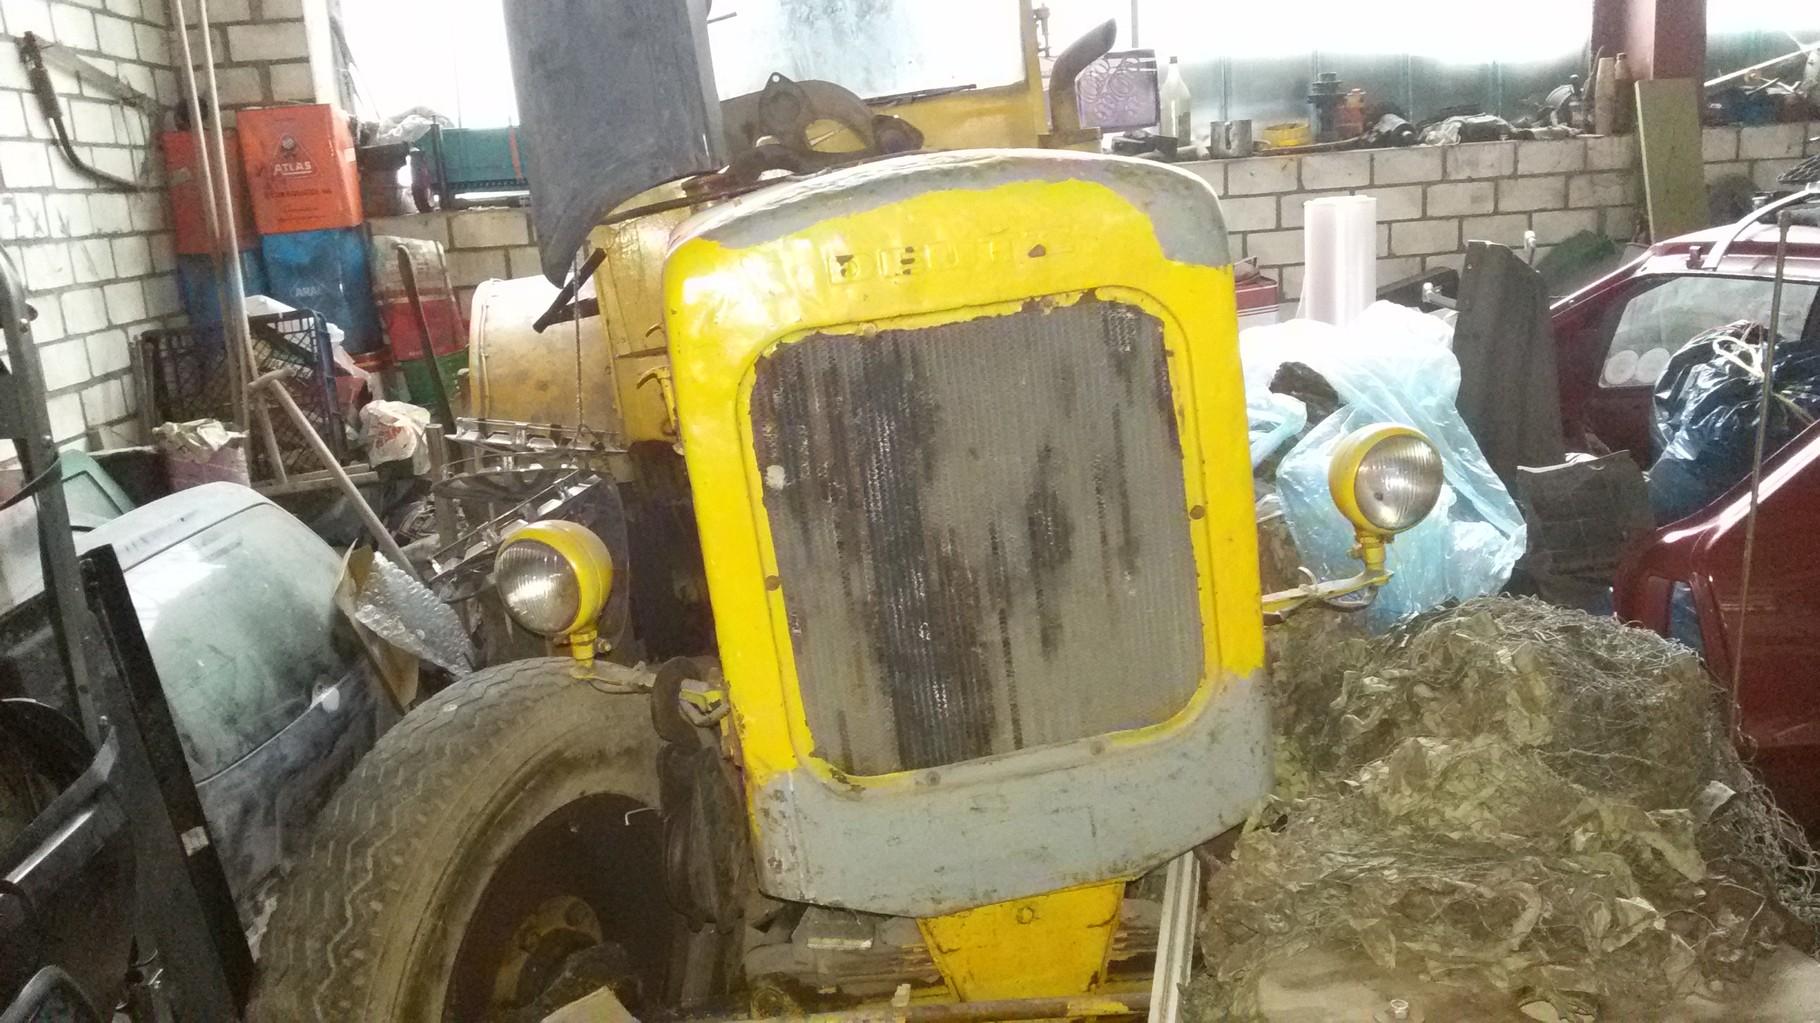 Scheunenfund: Stahldeutz BJ. 1948 F3 M417 (Januar 2015) wurde im Straßenbau eingesetzt